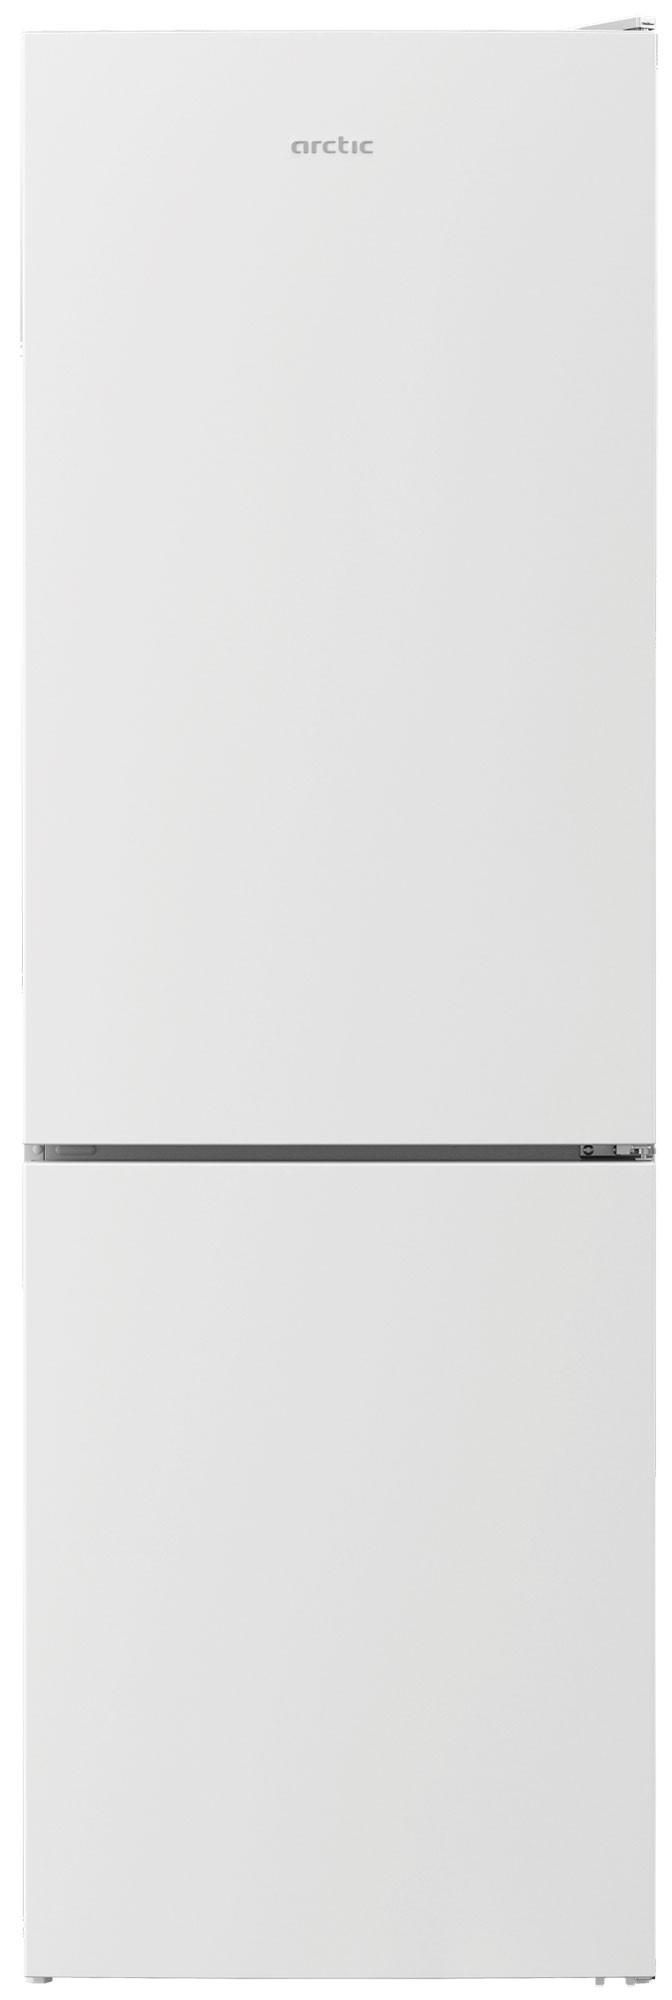 Combina frigorifica, Arctic, AK60366M40NF, 348 l, Clasa A++, H 185,2  cm, Alb